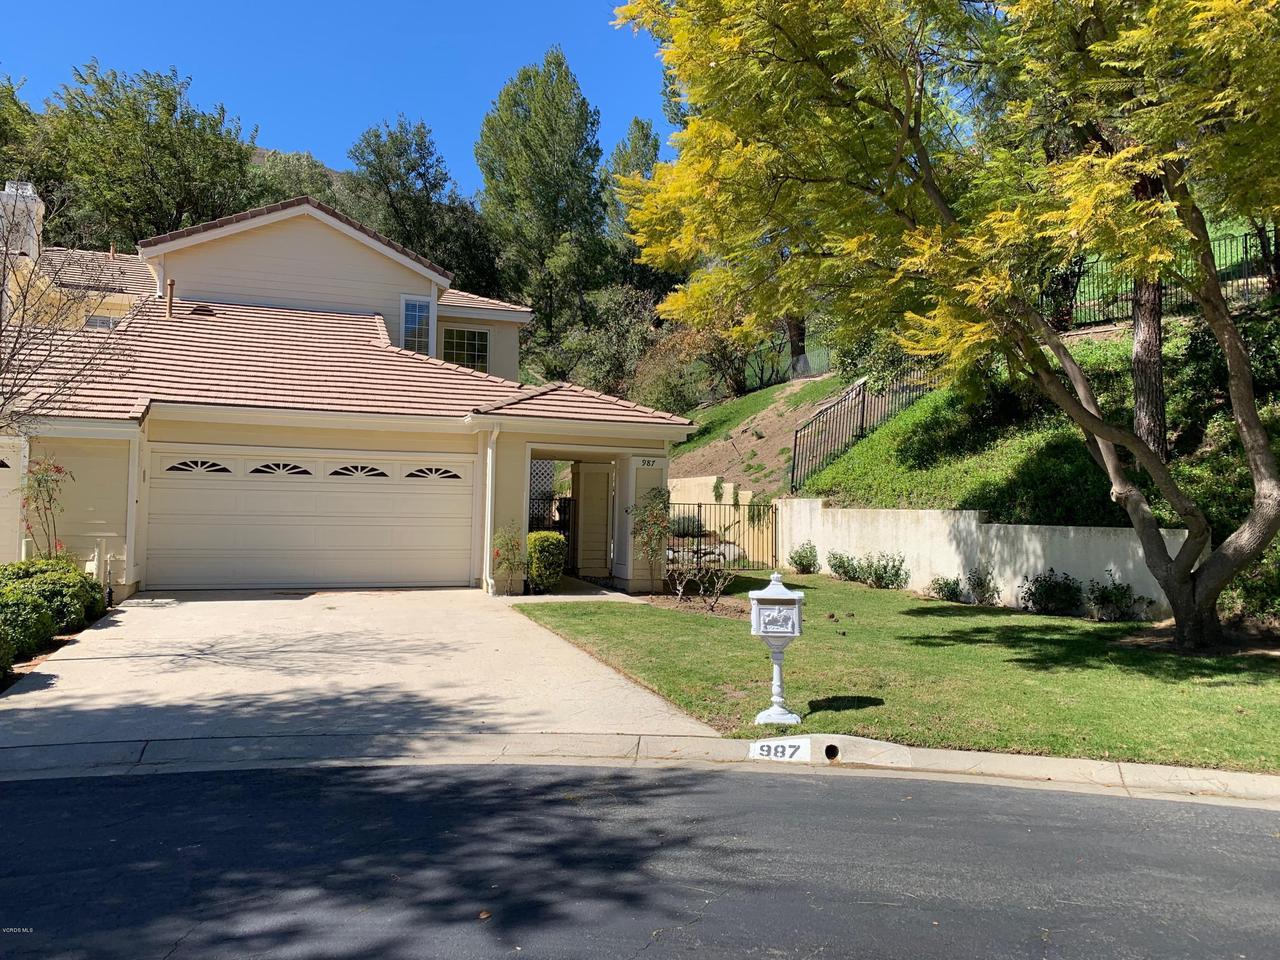 Photo of 987 BLUE MOUNTAIN CIRCLE, Westlake Village, CA 91362